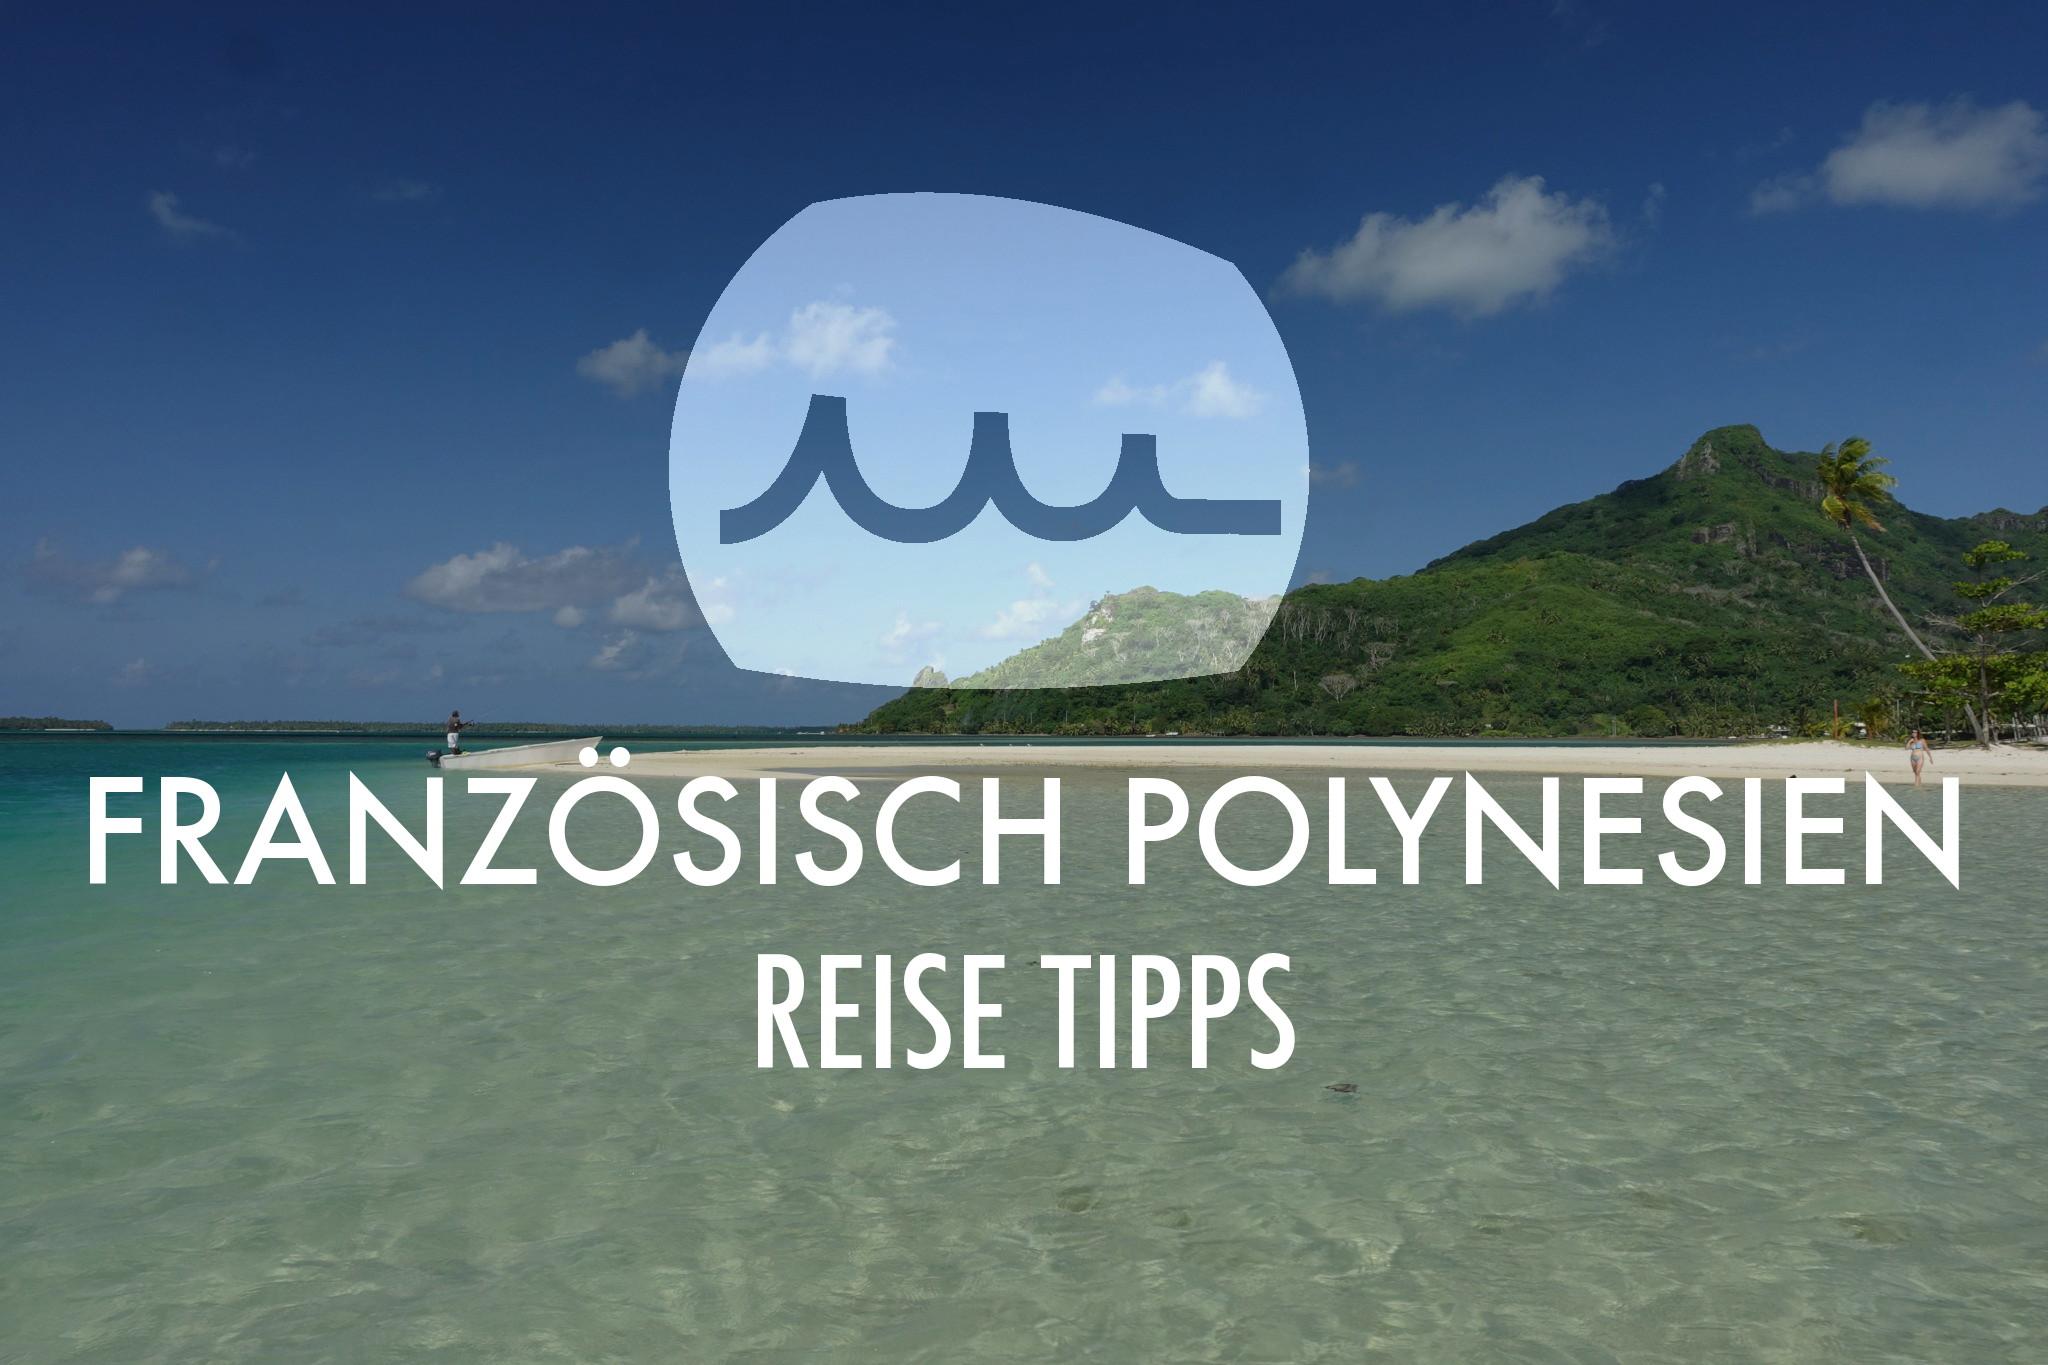 Französisch Polynesien Reise Tipps